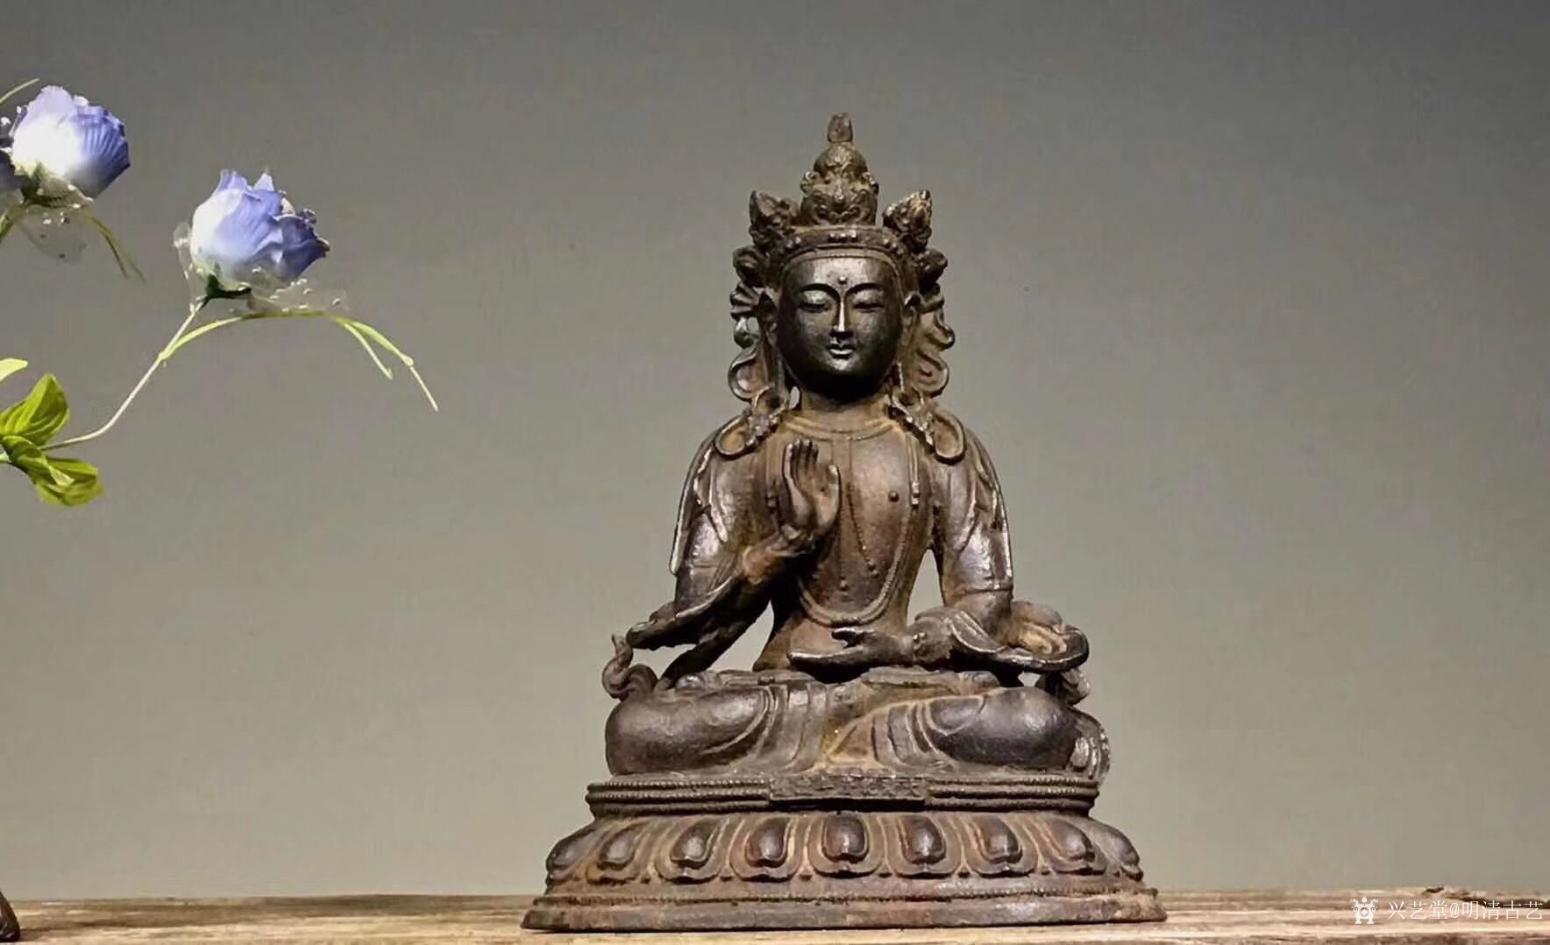 明清古艺雕刻作品《佛像菩萨盘坐》【图4】